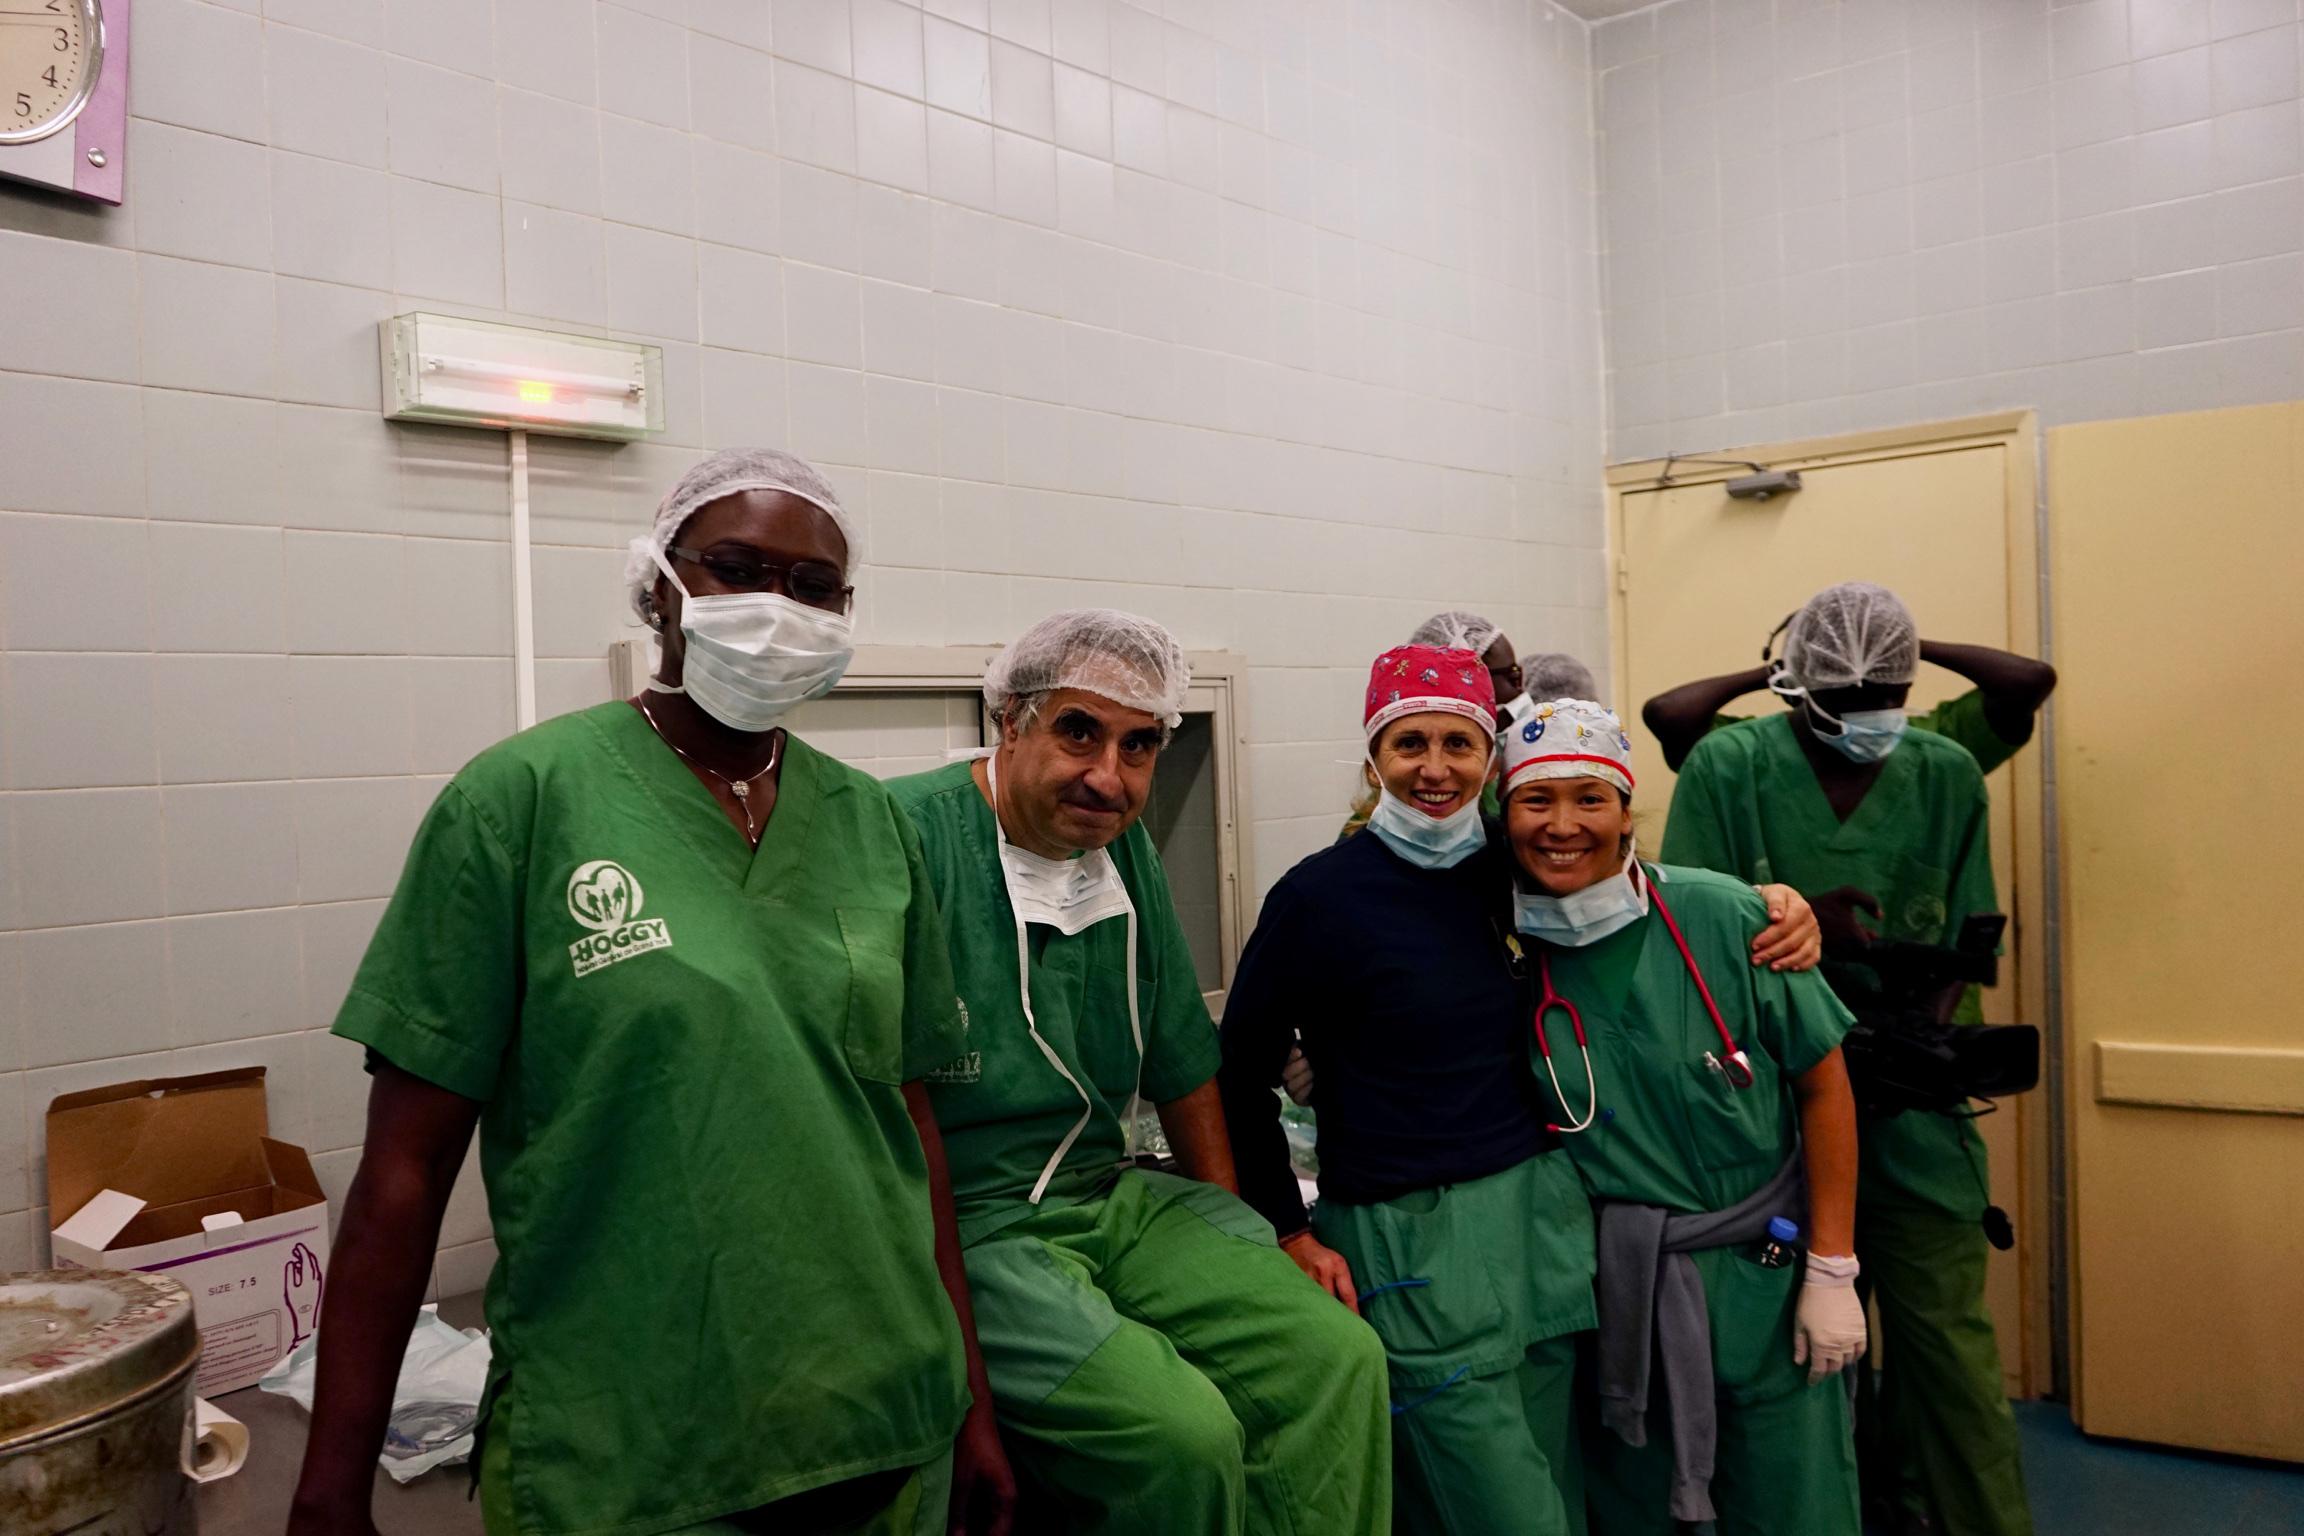 Lo staff italiano di Emergenza Sorrisi con Khotta, medico senegalese da anni in Italia.